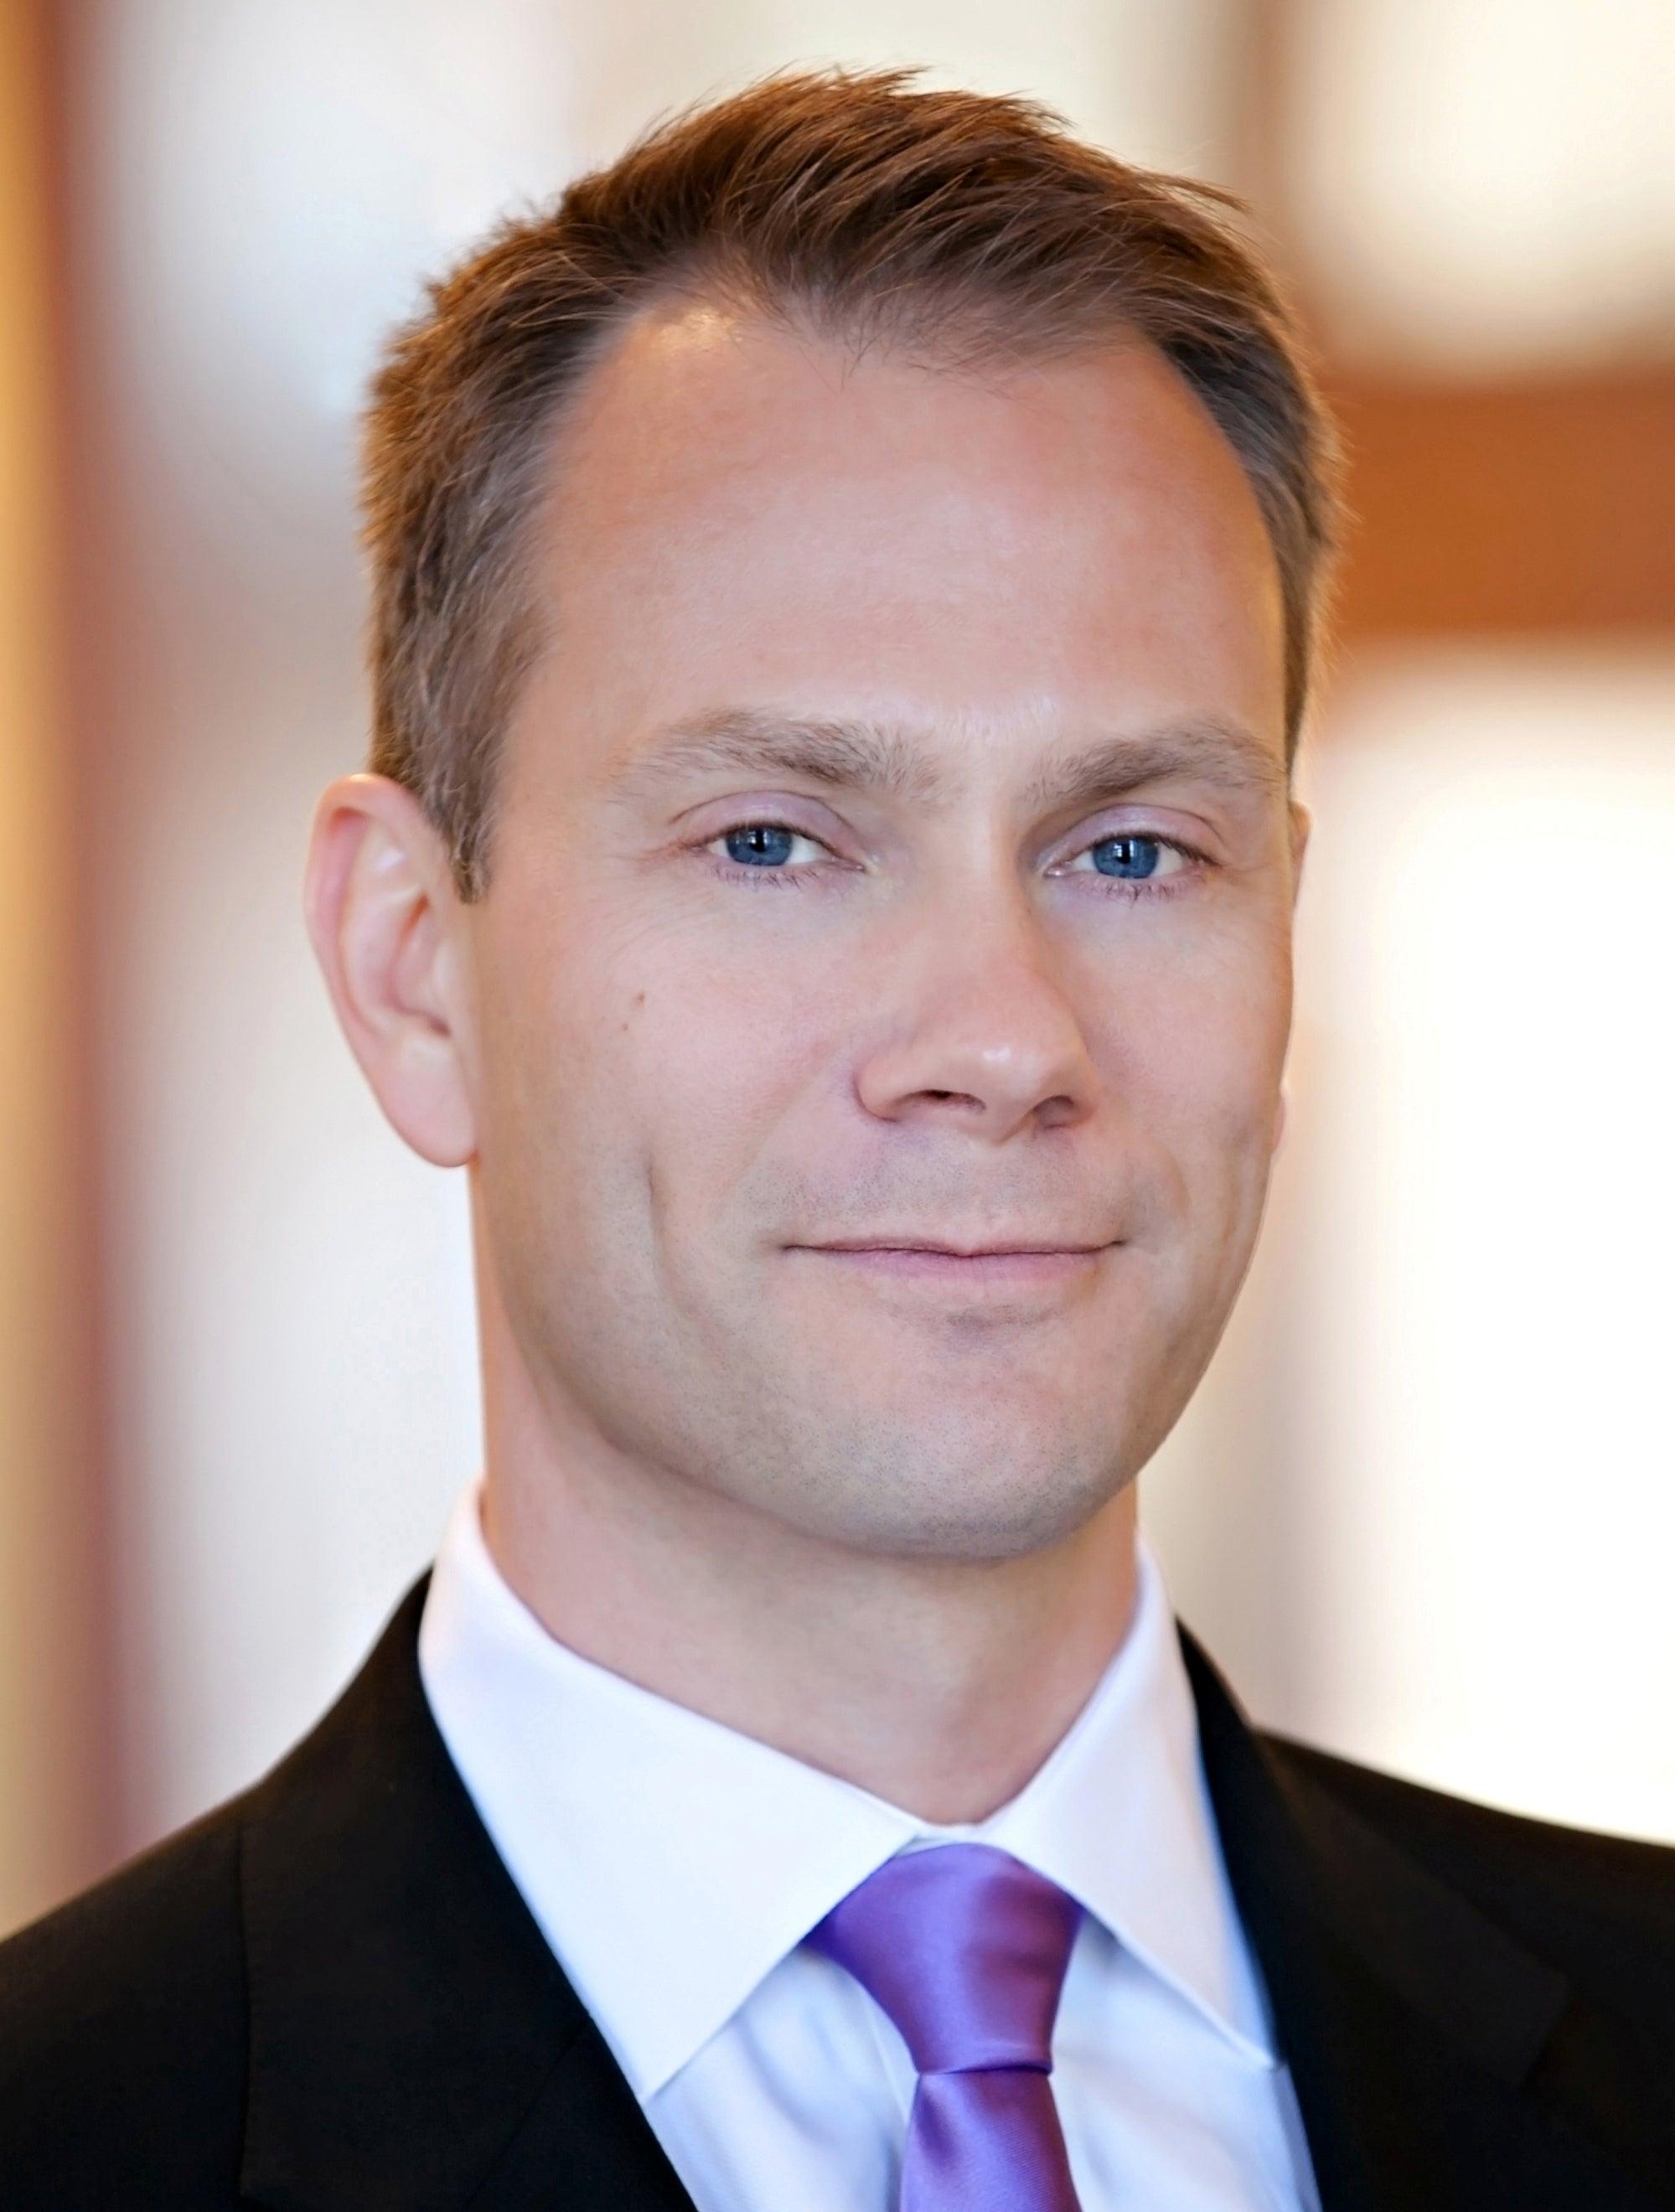 Alexander Ljungqvist headshot